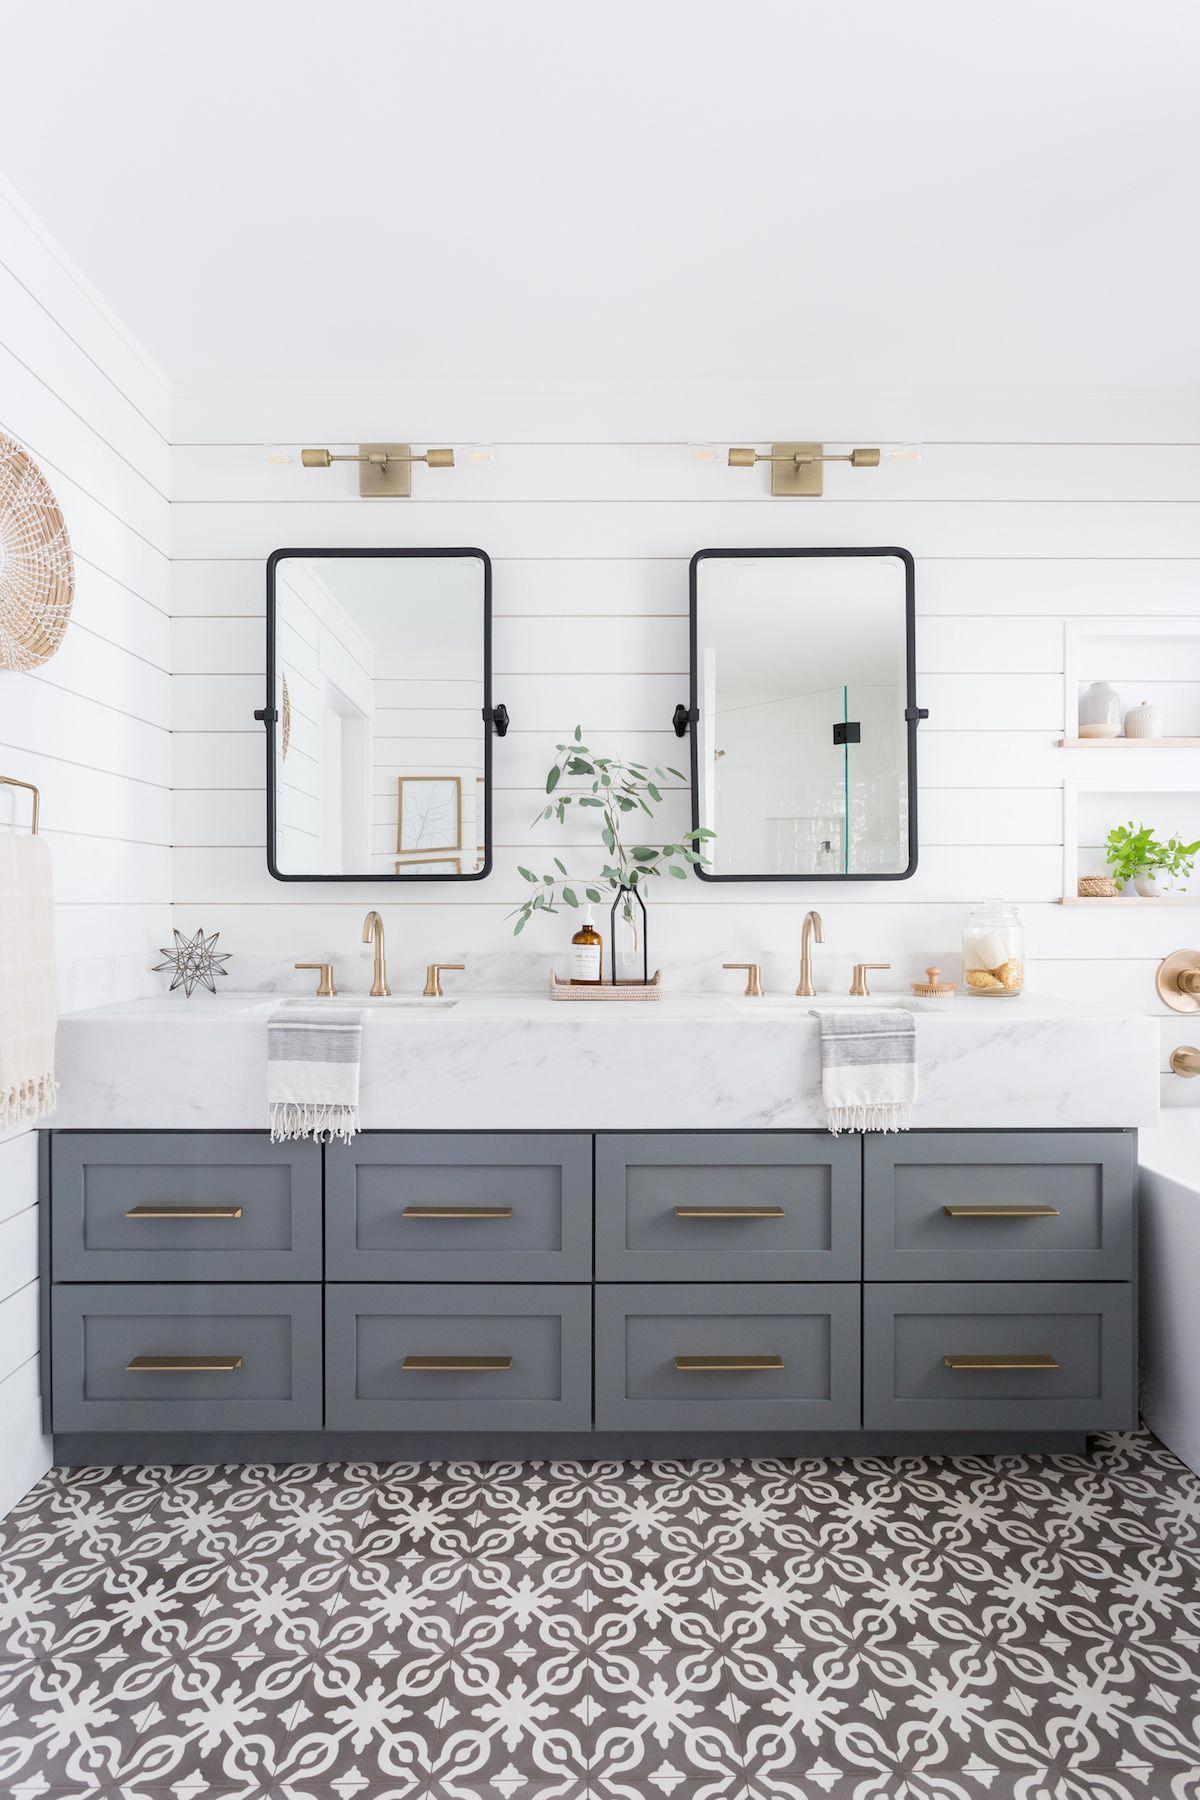 Photo of Helles und luftiges Badezimmer mit Shiplap, gemusterten Fliesen und gemischten Metallen #bathroomlight …